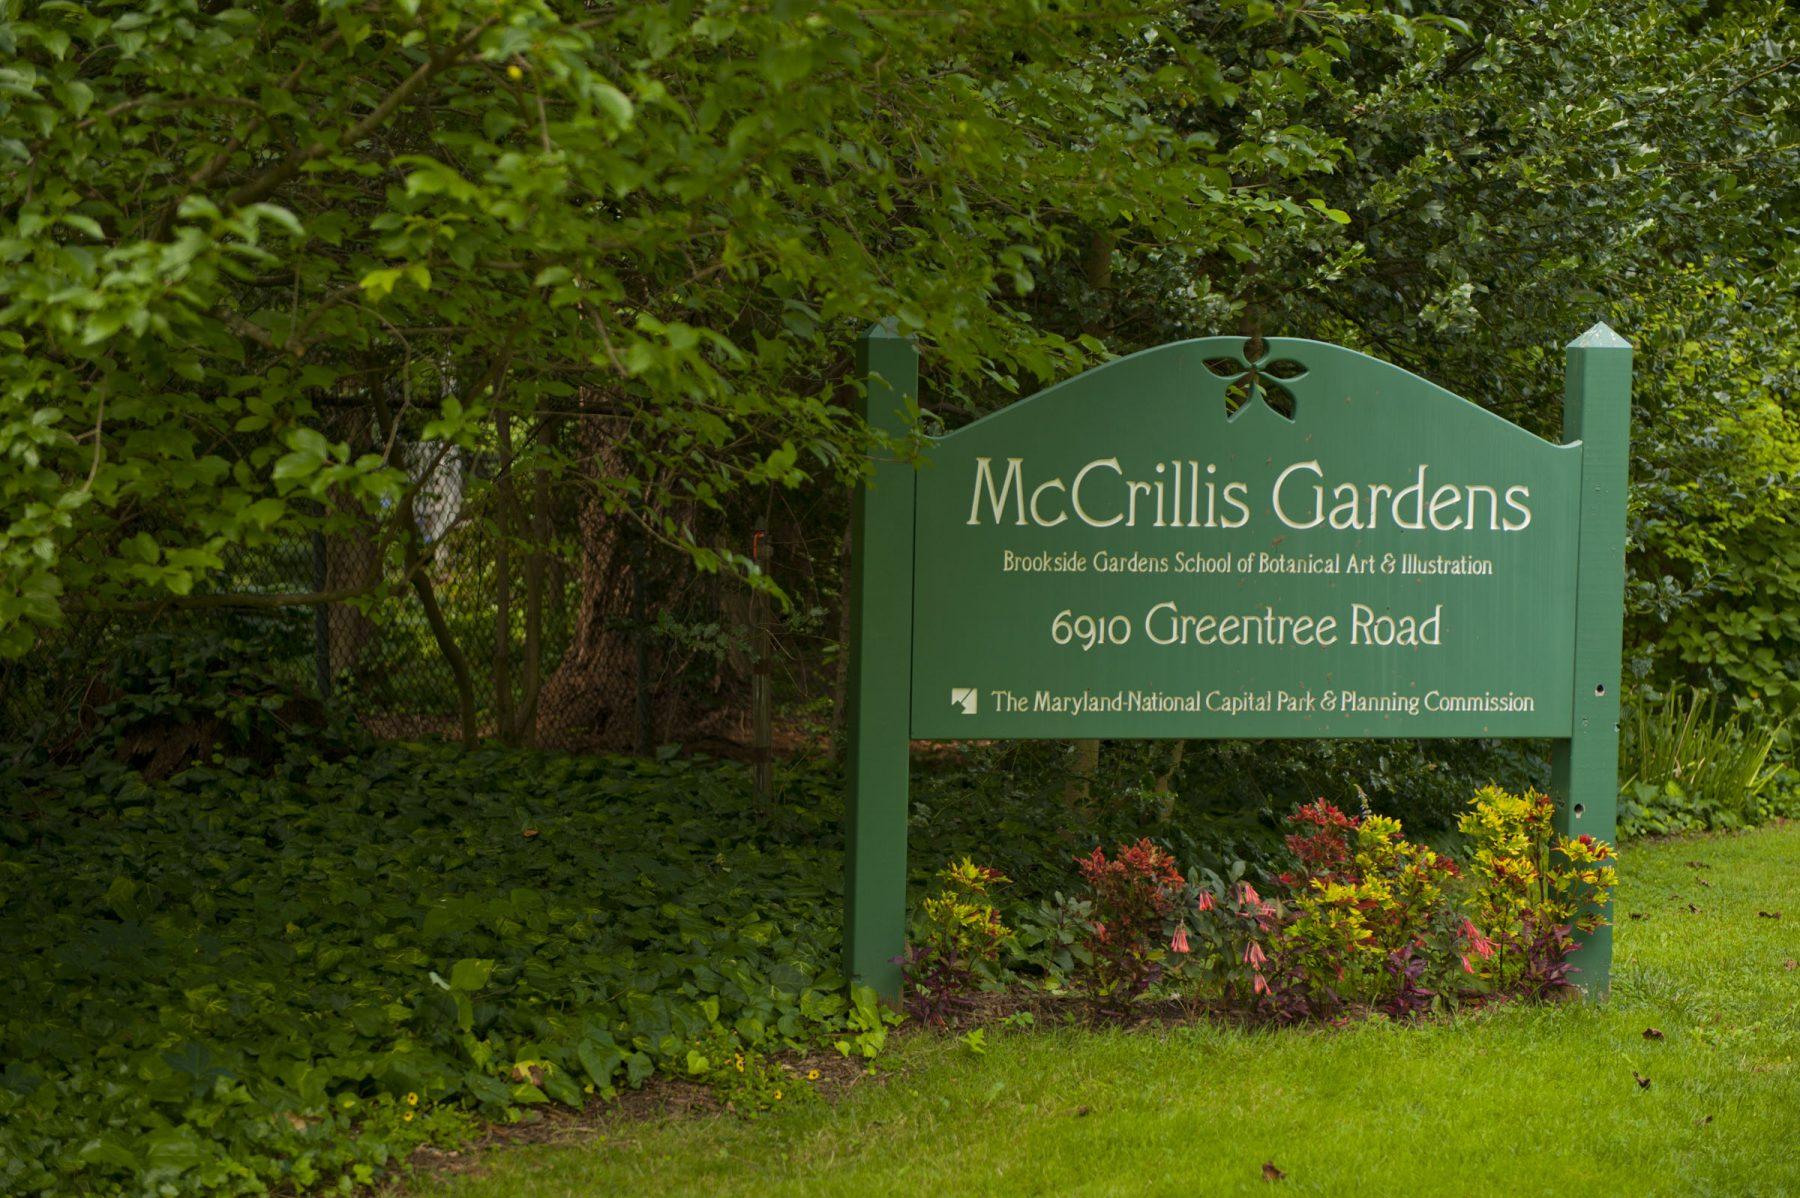 McCrillis Gardens